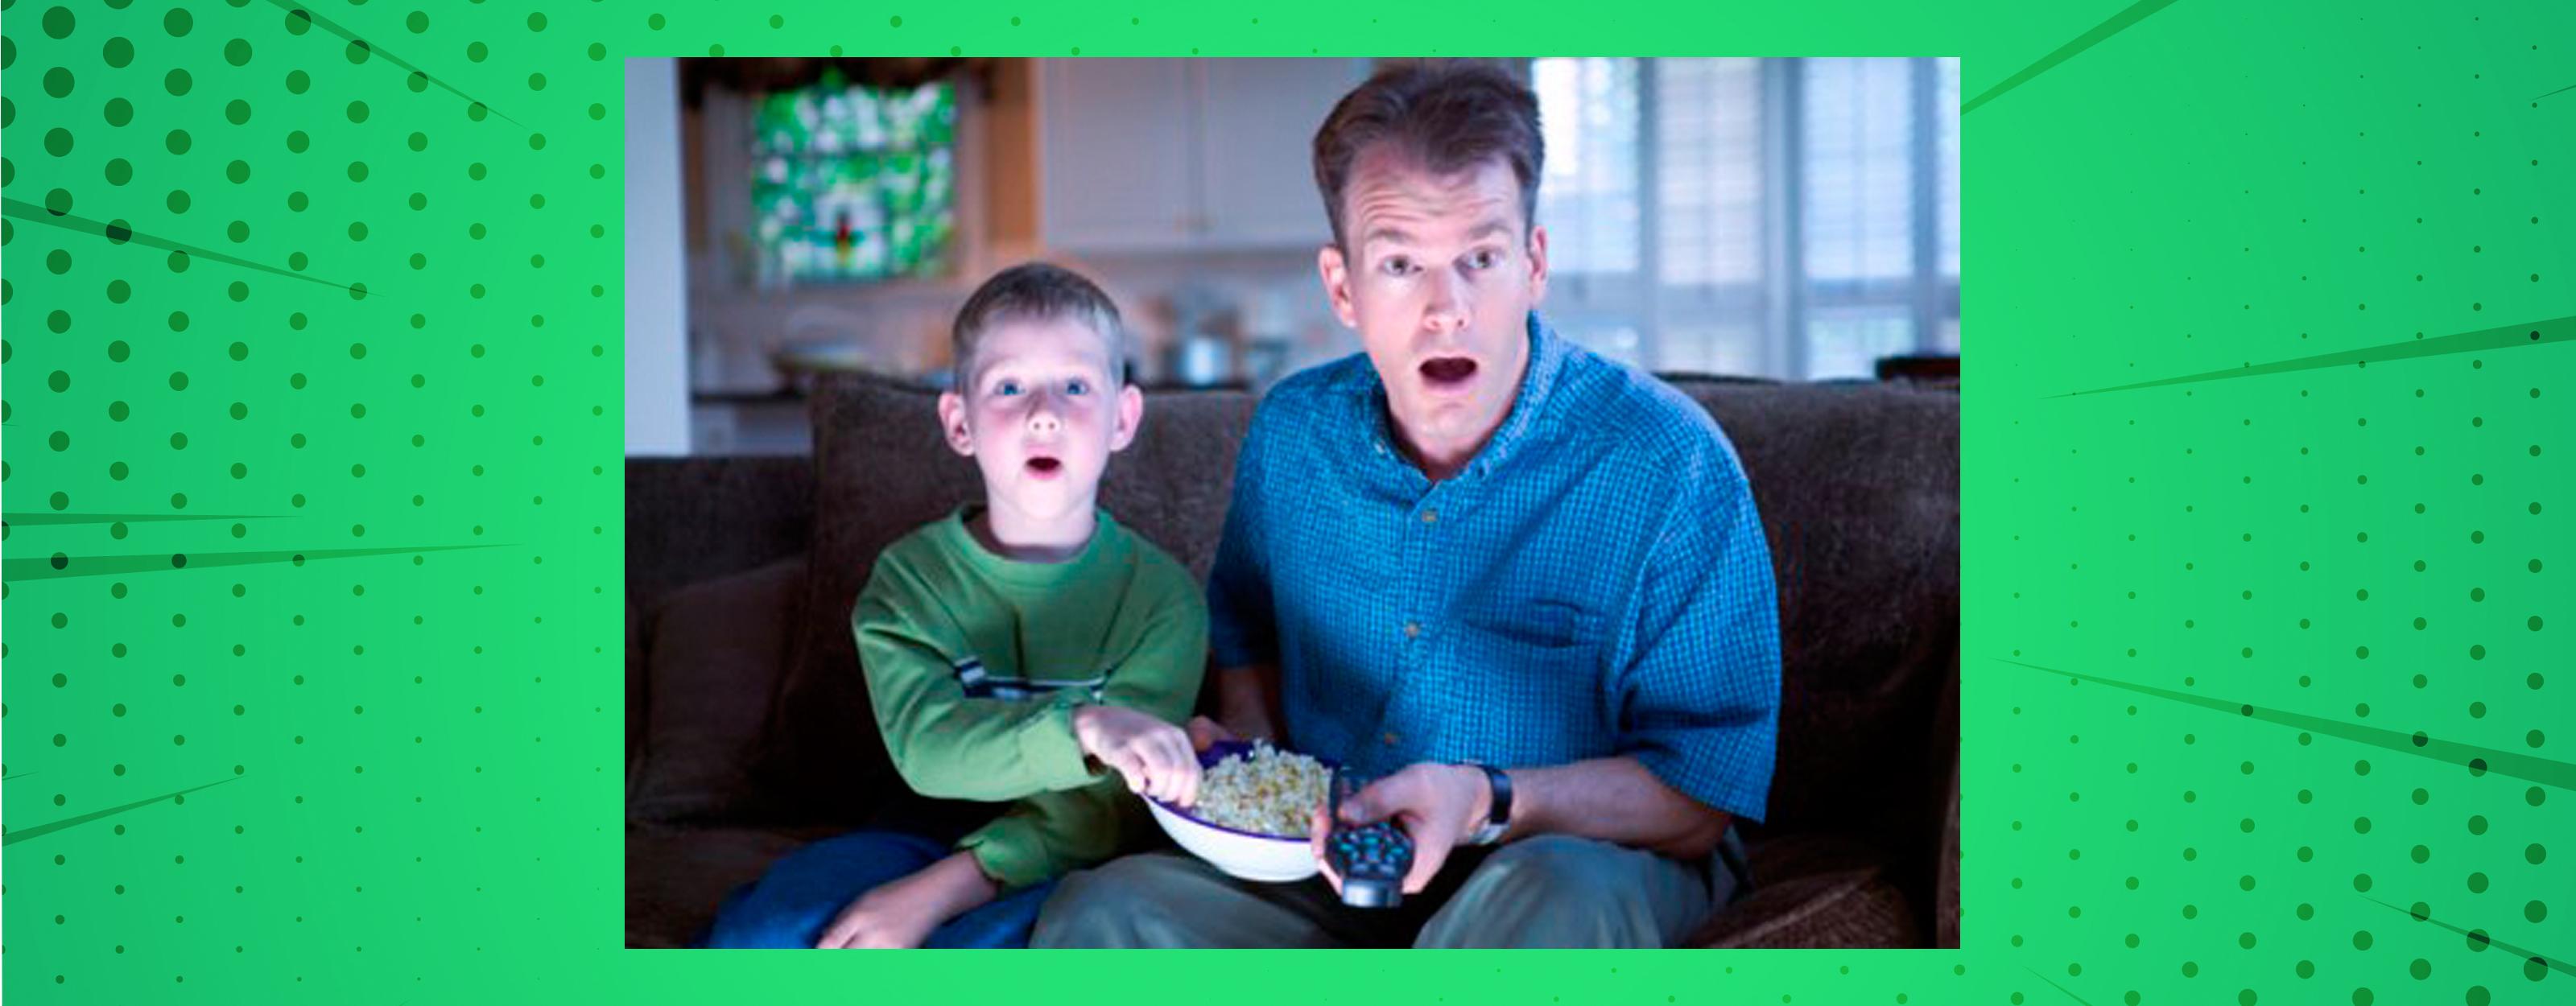 Crítica cine en familia Contraste